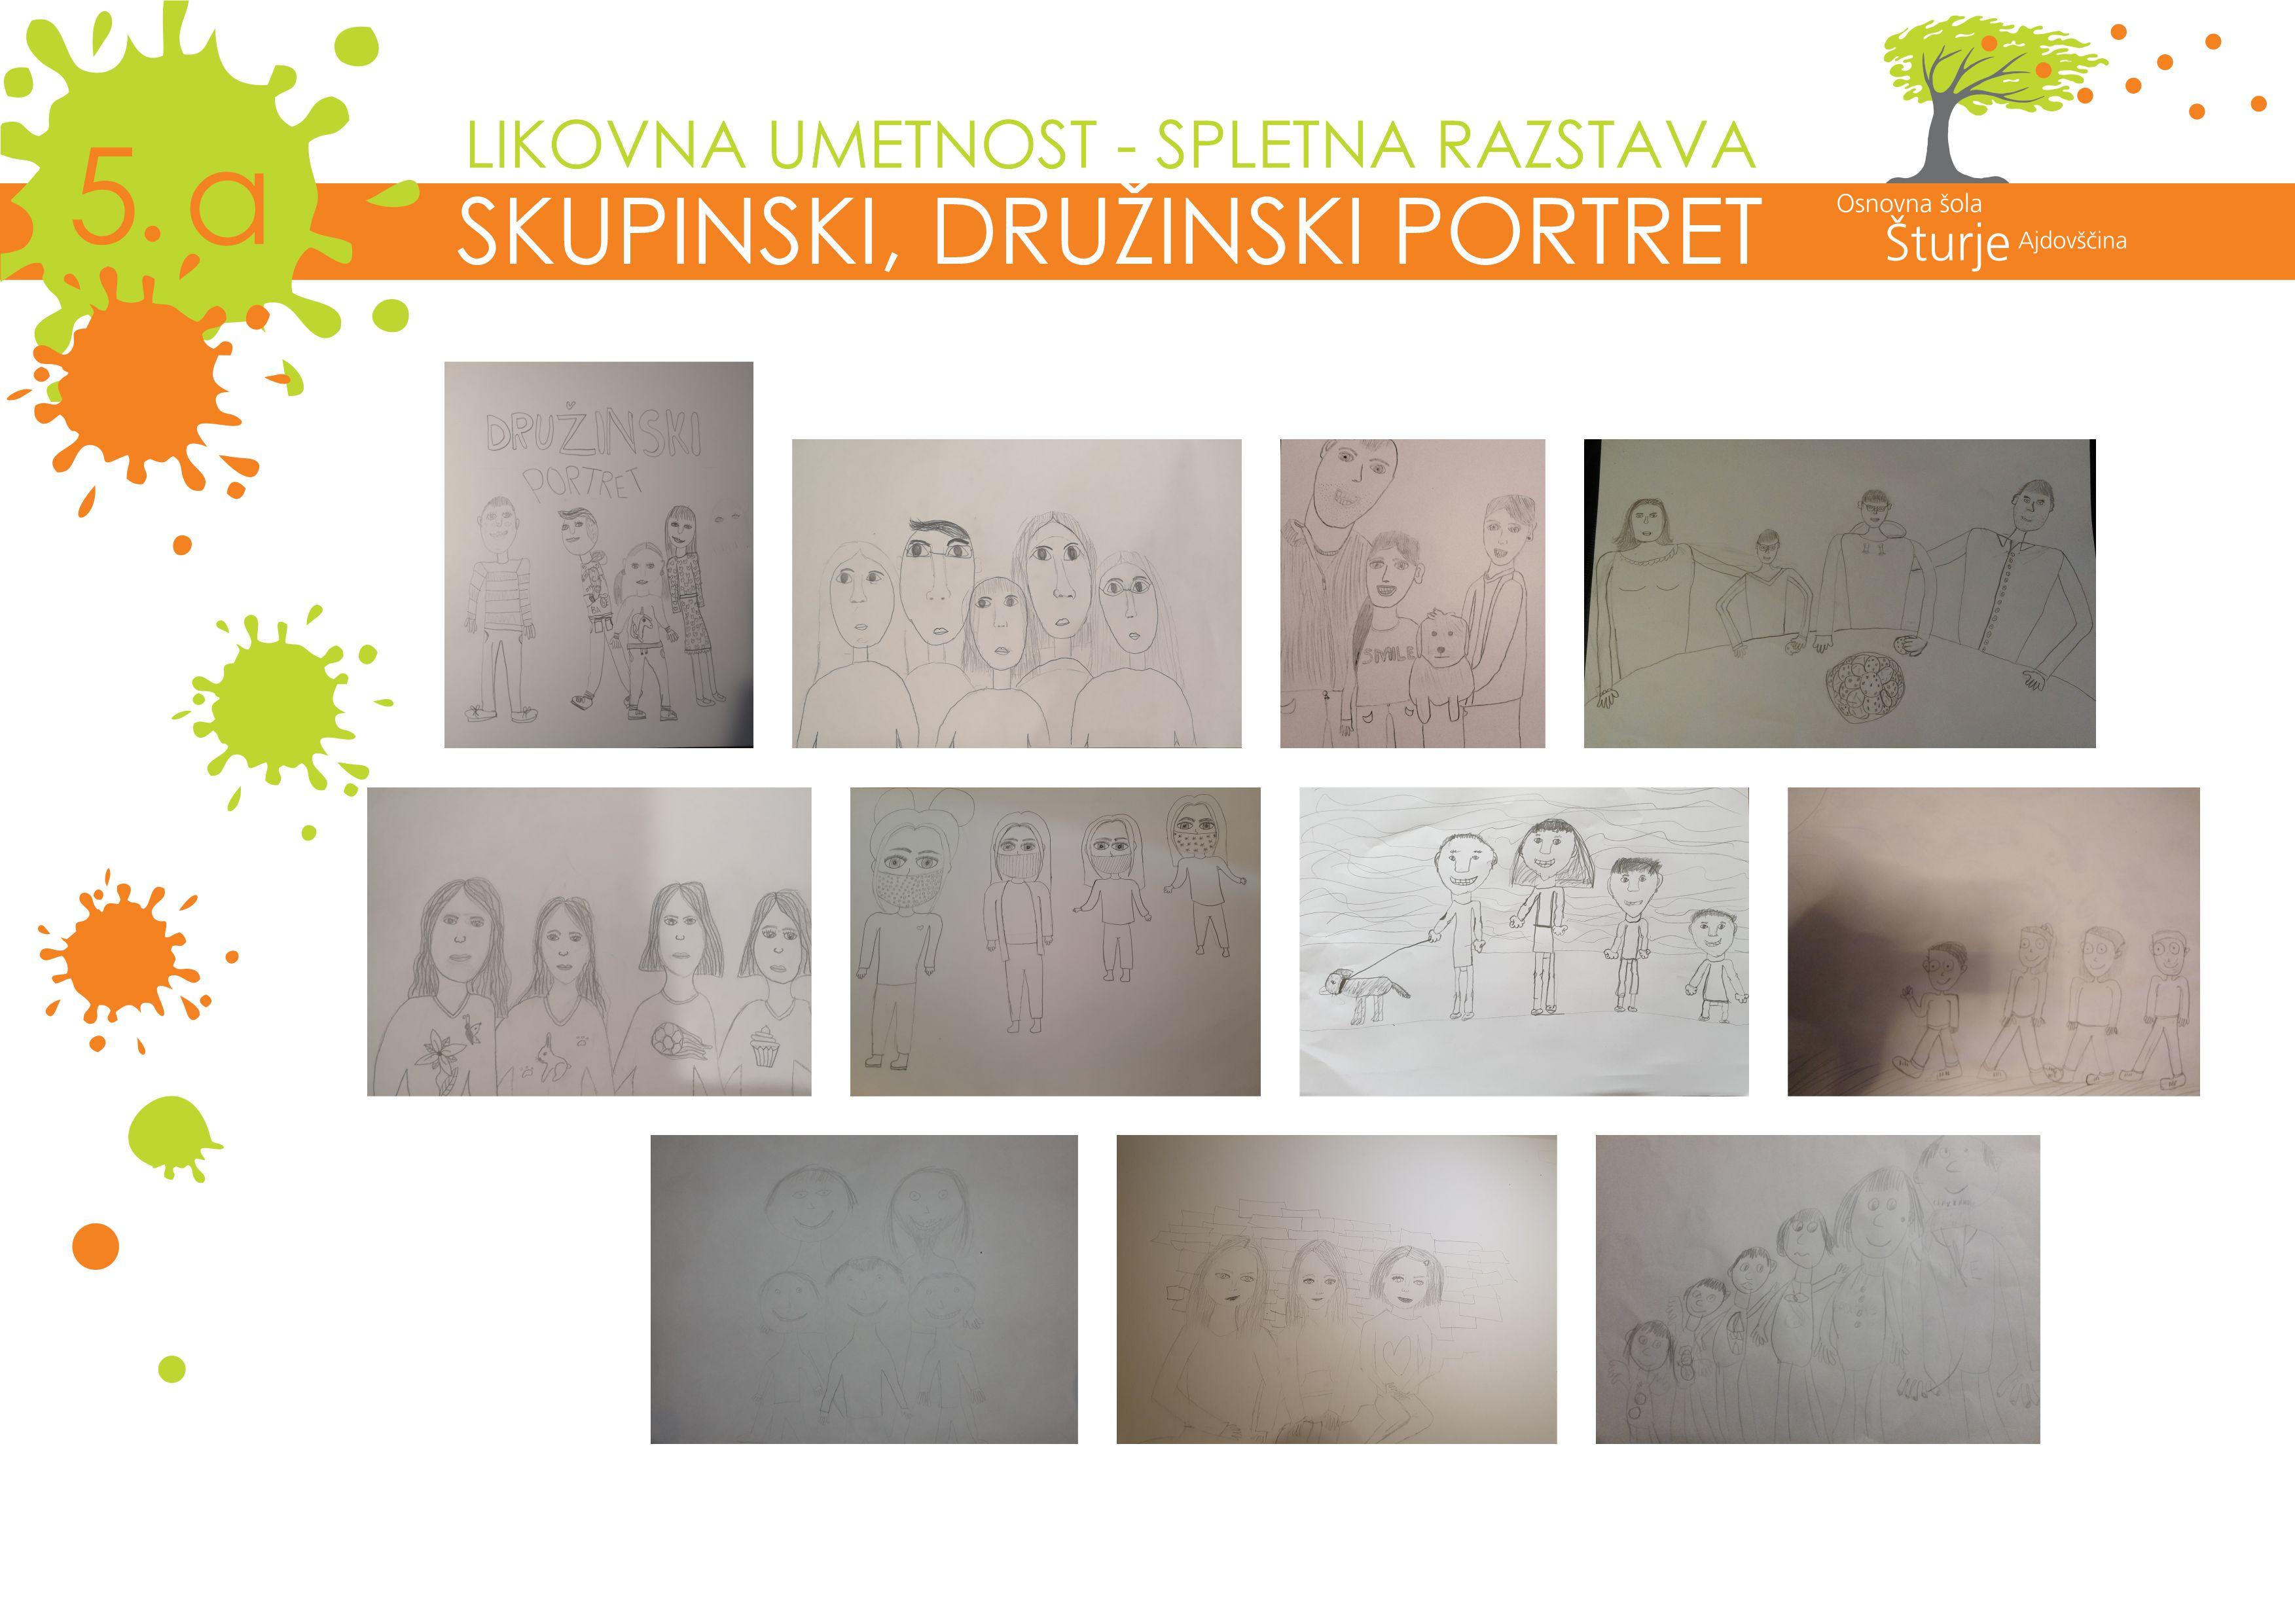 5-a-druzinski-skupinski-portret